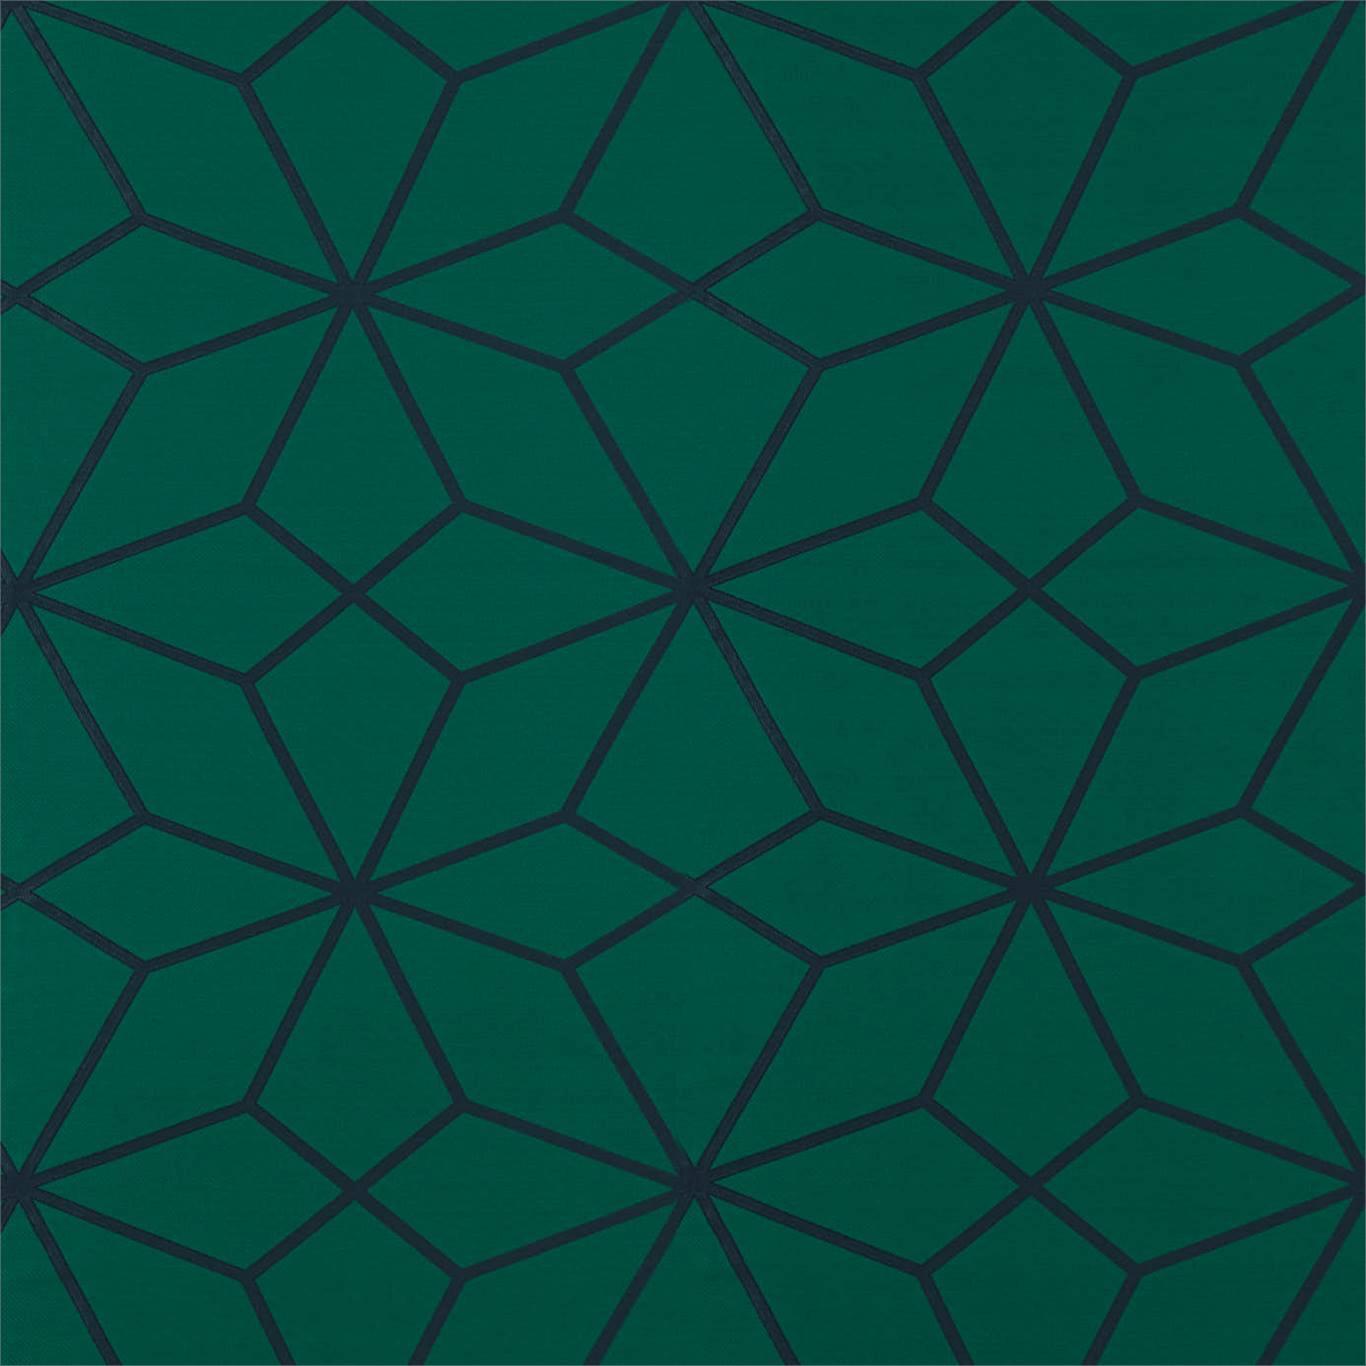 Axal Fabric Axal Emerald By Harlequin 132777